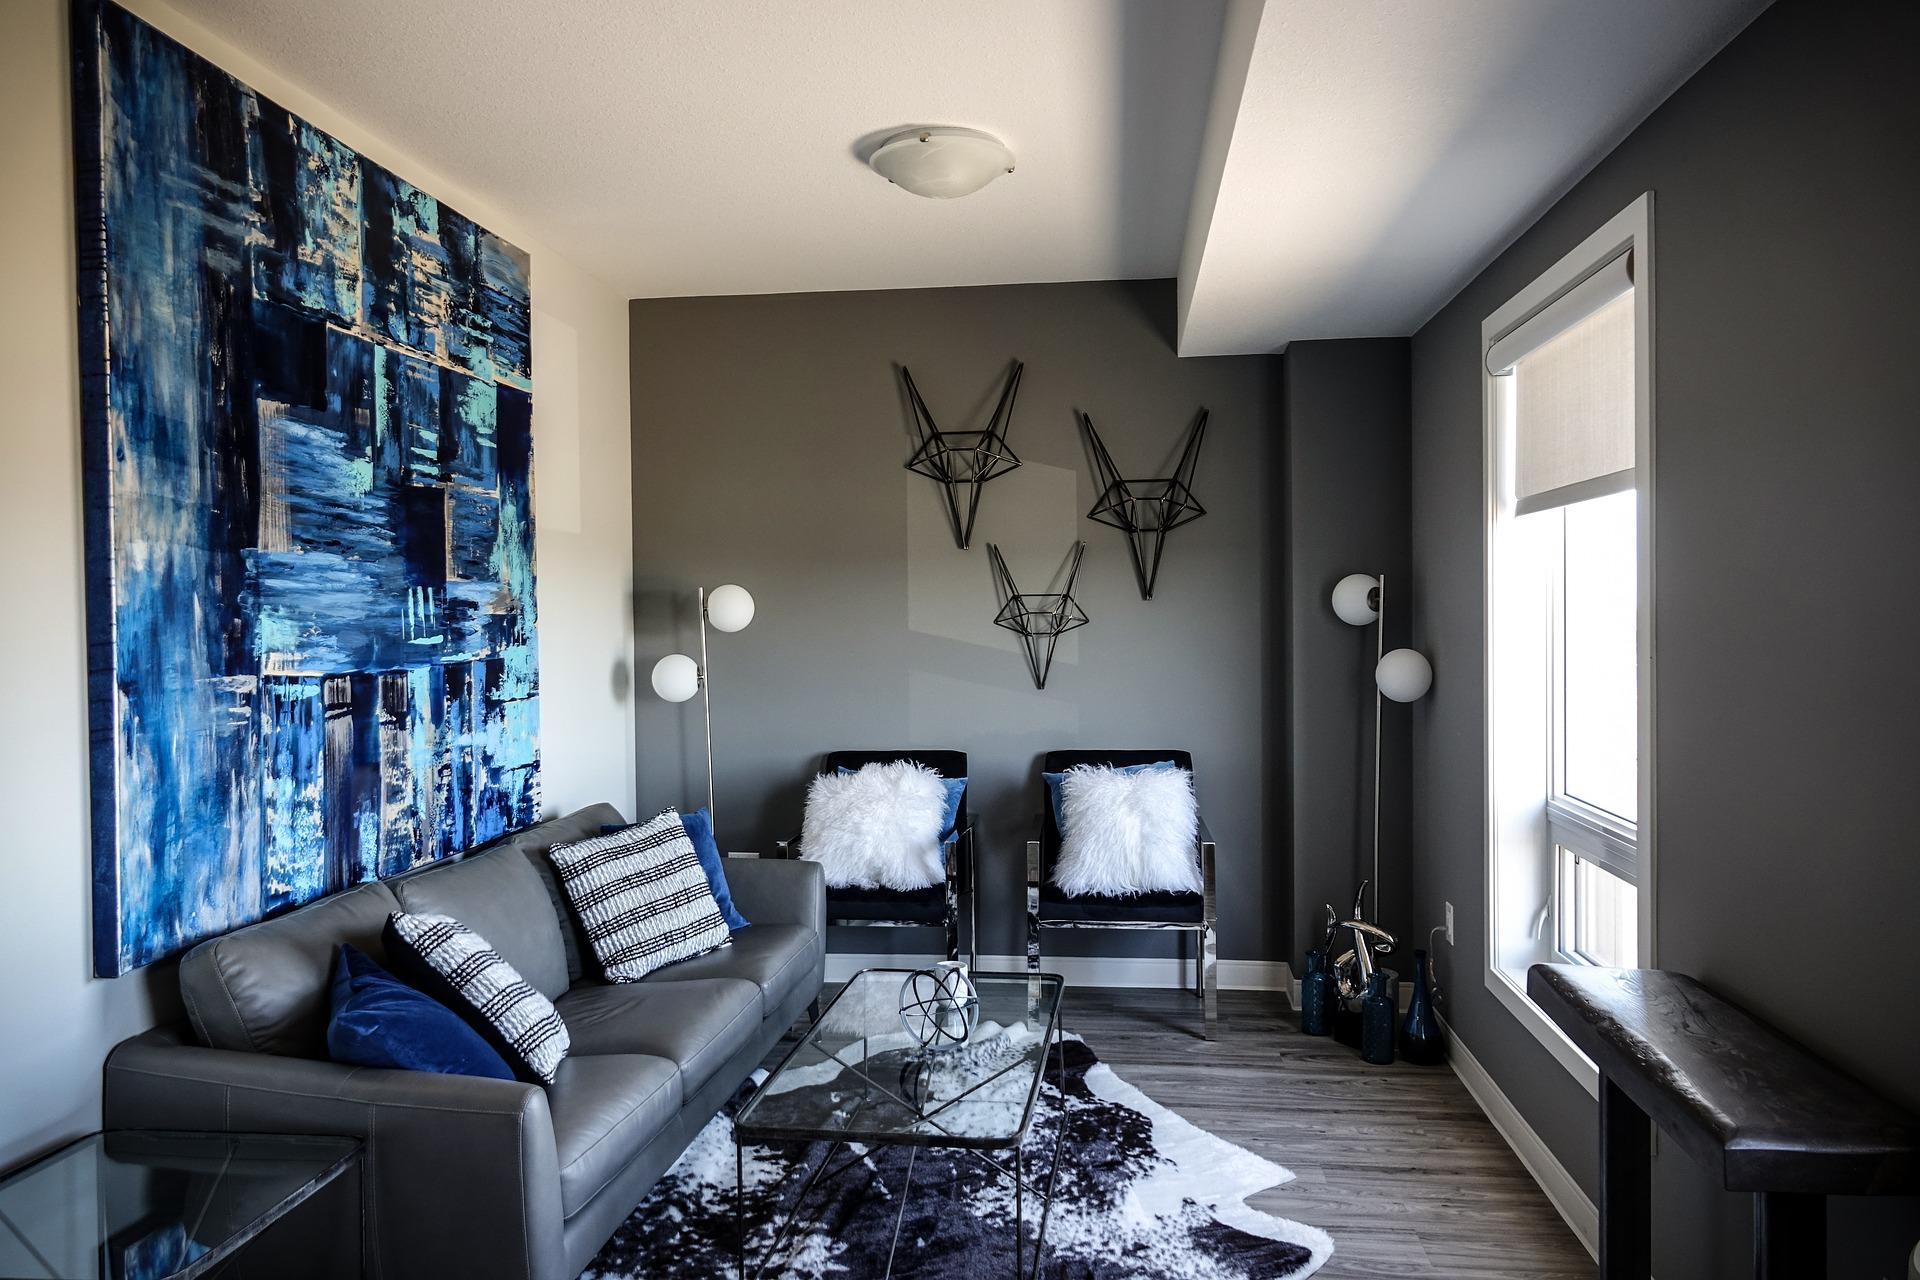 couleurs-peintures-murs